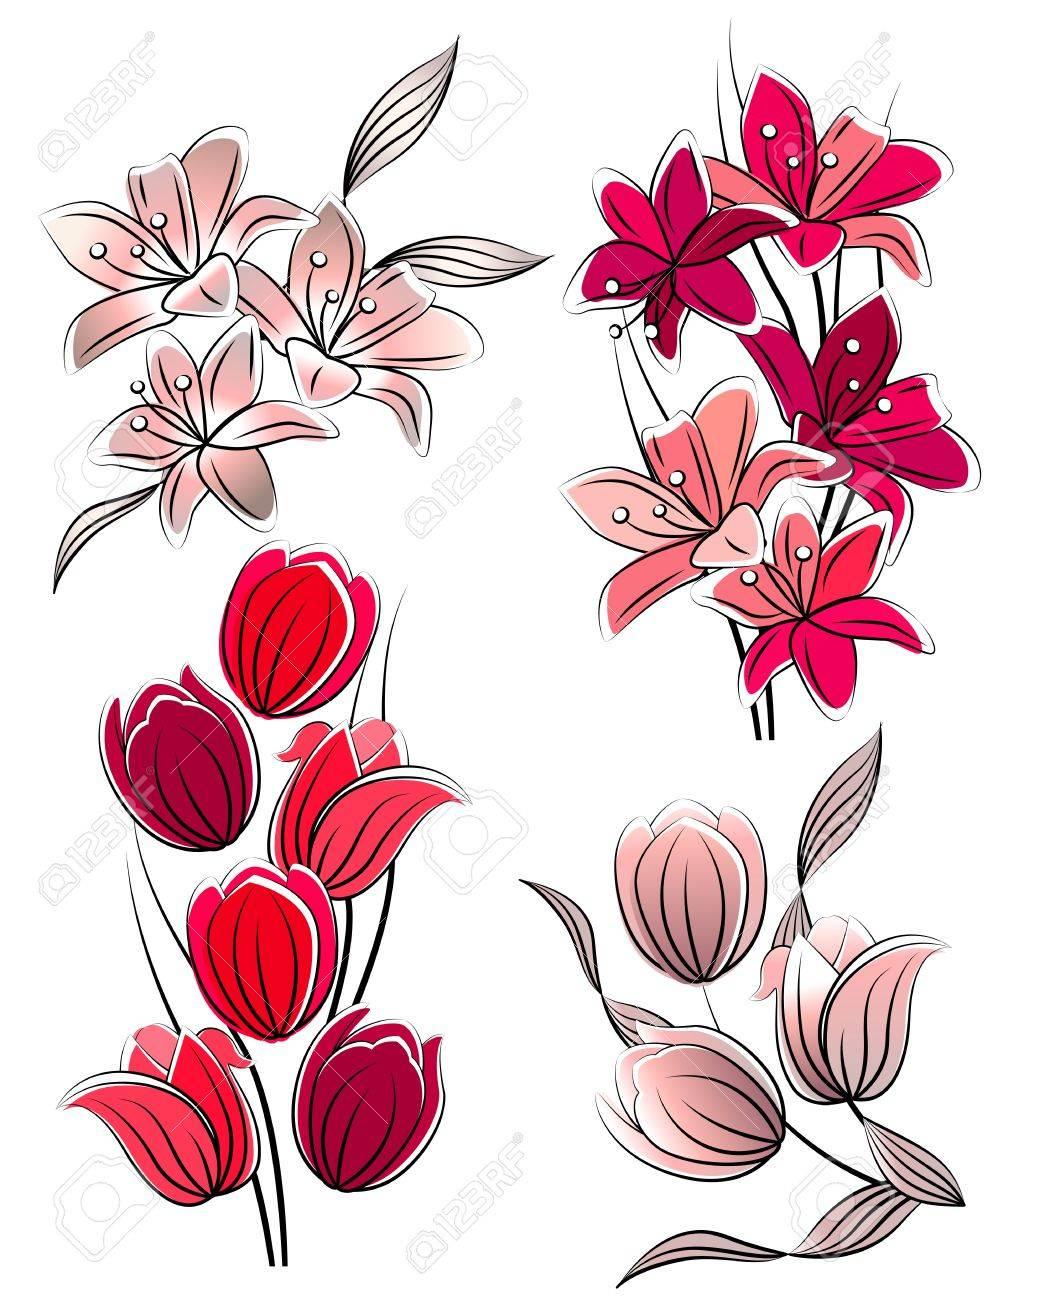 Fleurs Stylisées set de fleurs stylisées clip art libres de droits , vecteurs et